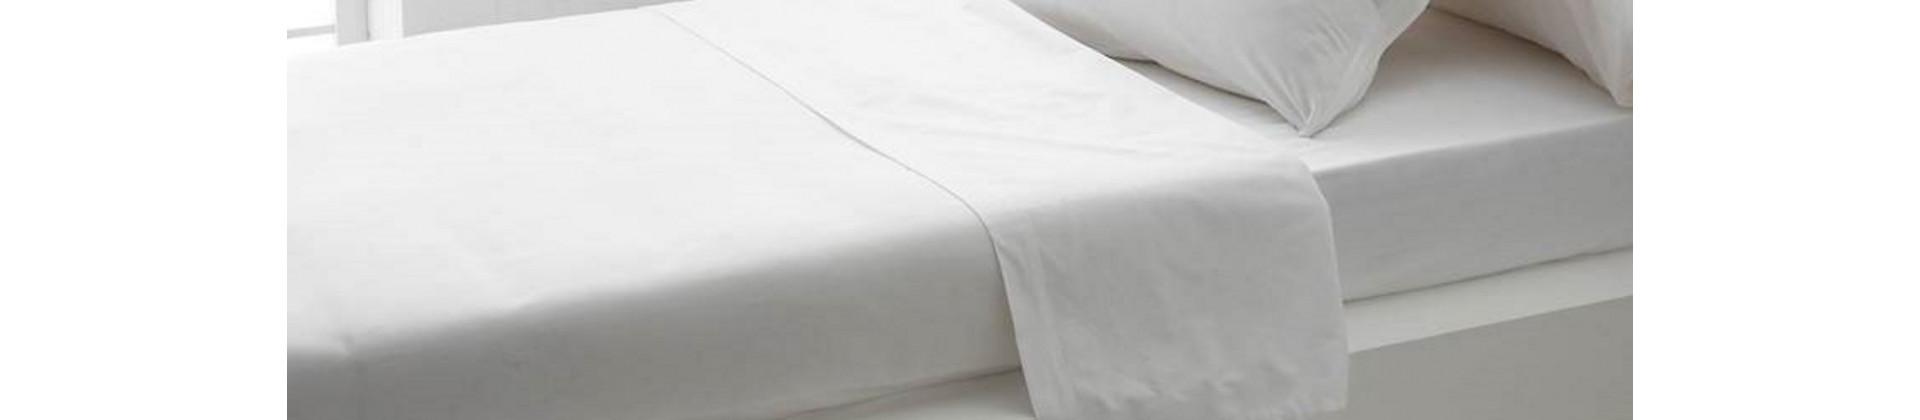 Linge de lit jacquard, opposé de satin, blanc et ivoire pour hôtels